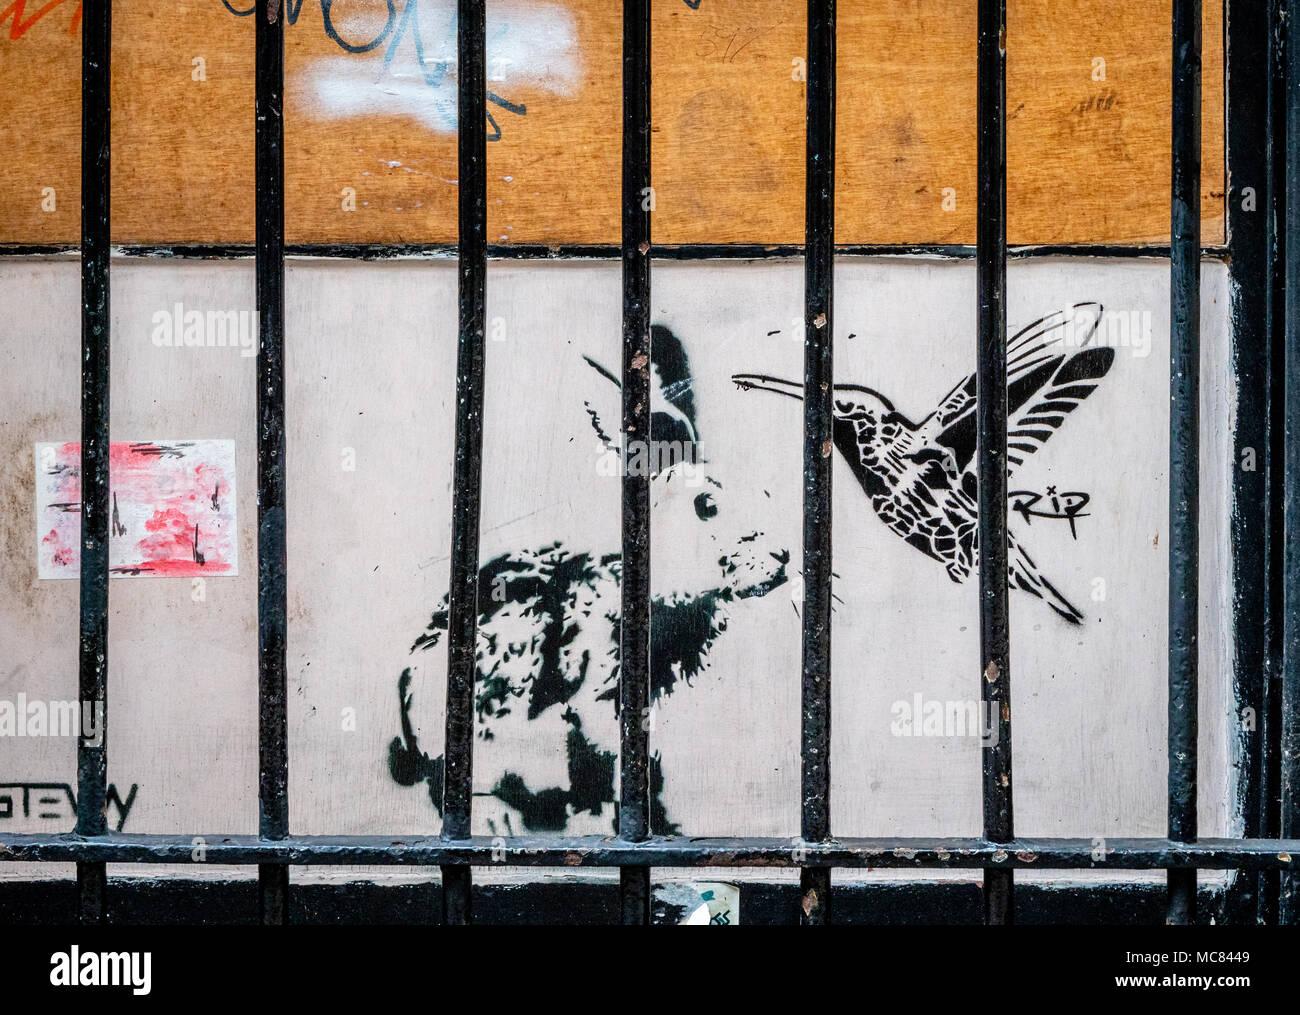 L'art de rue avec un lapin et oiseau de ronflement derrière les barreaux dans une ruelle étroite dans le centre de Bristol UK Photo Stock